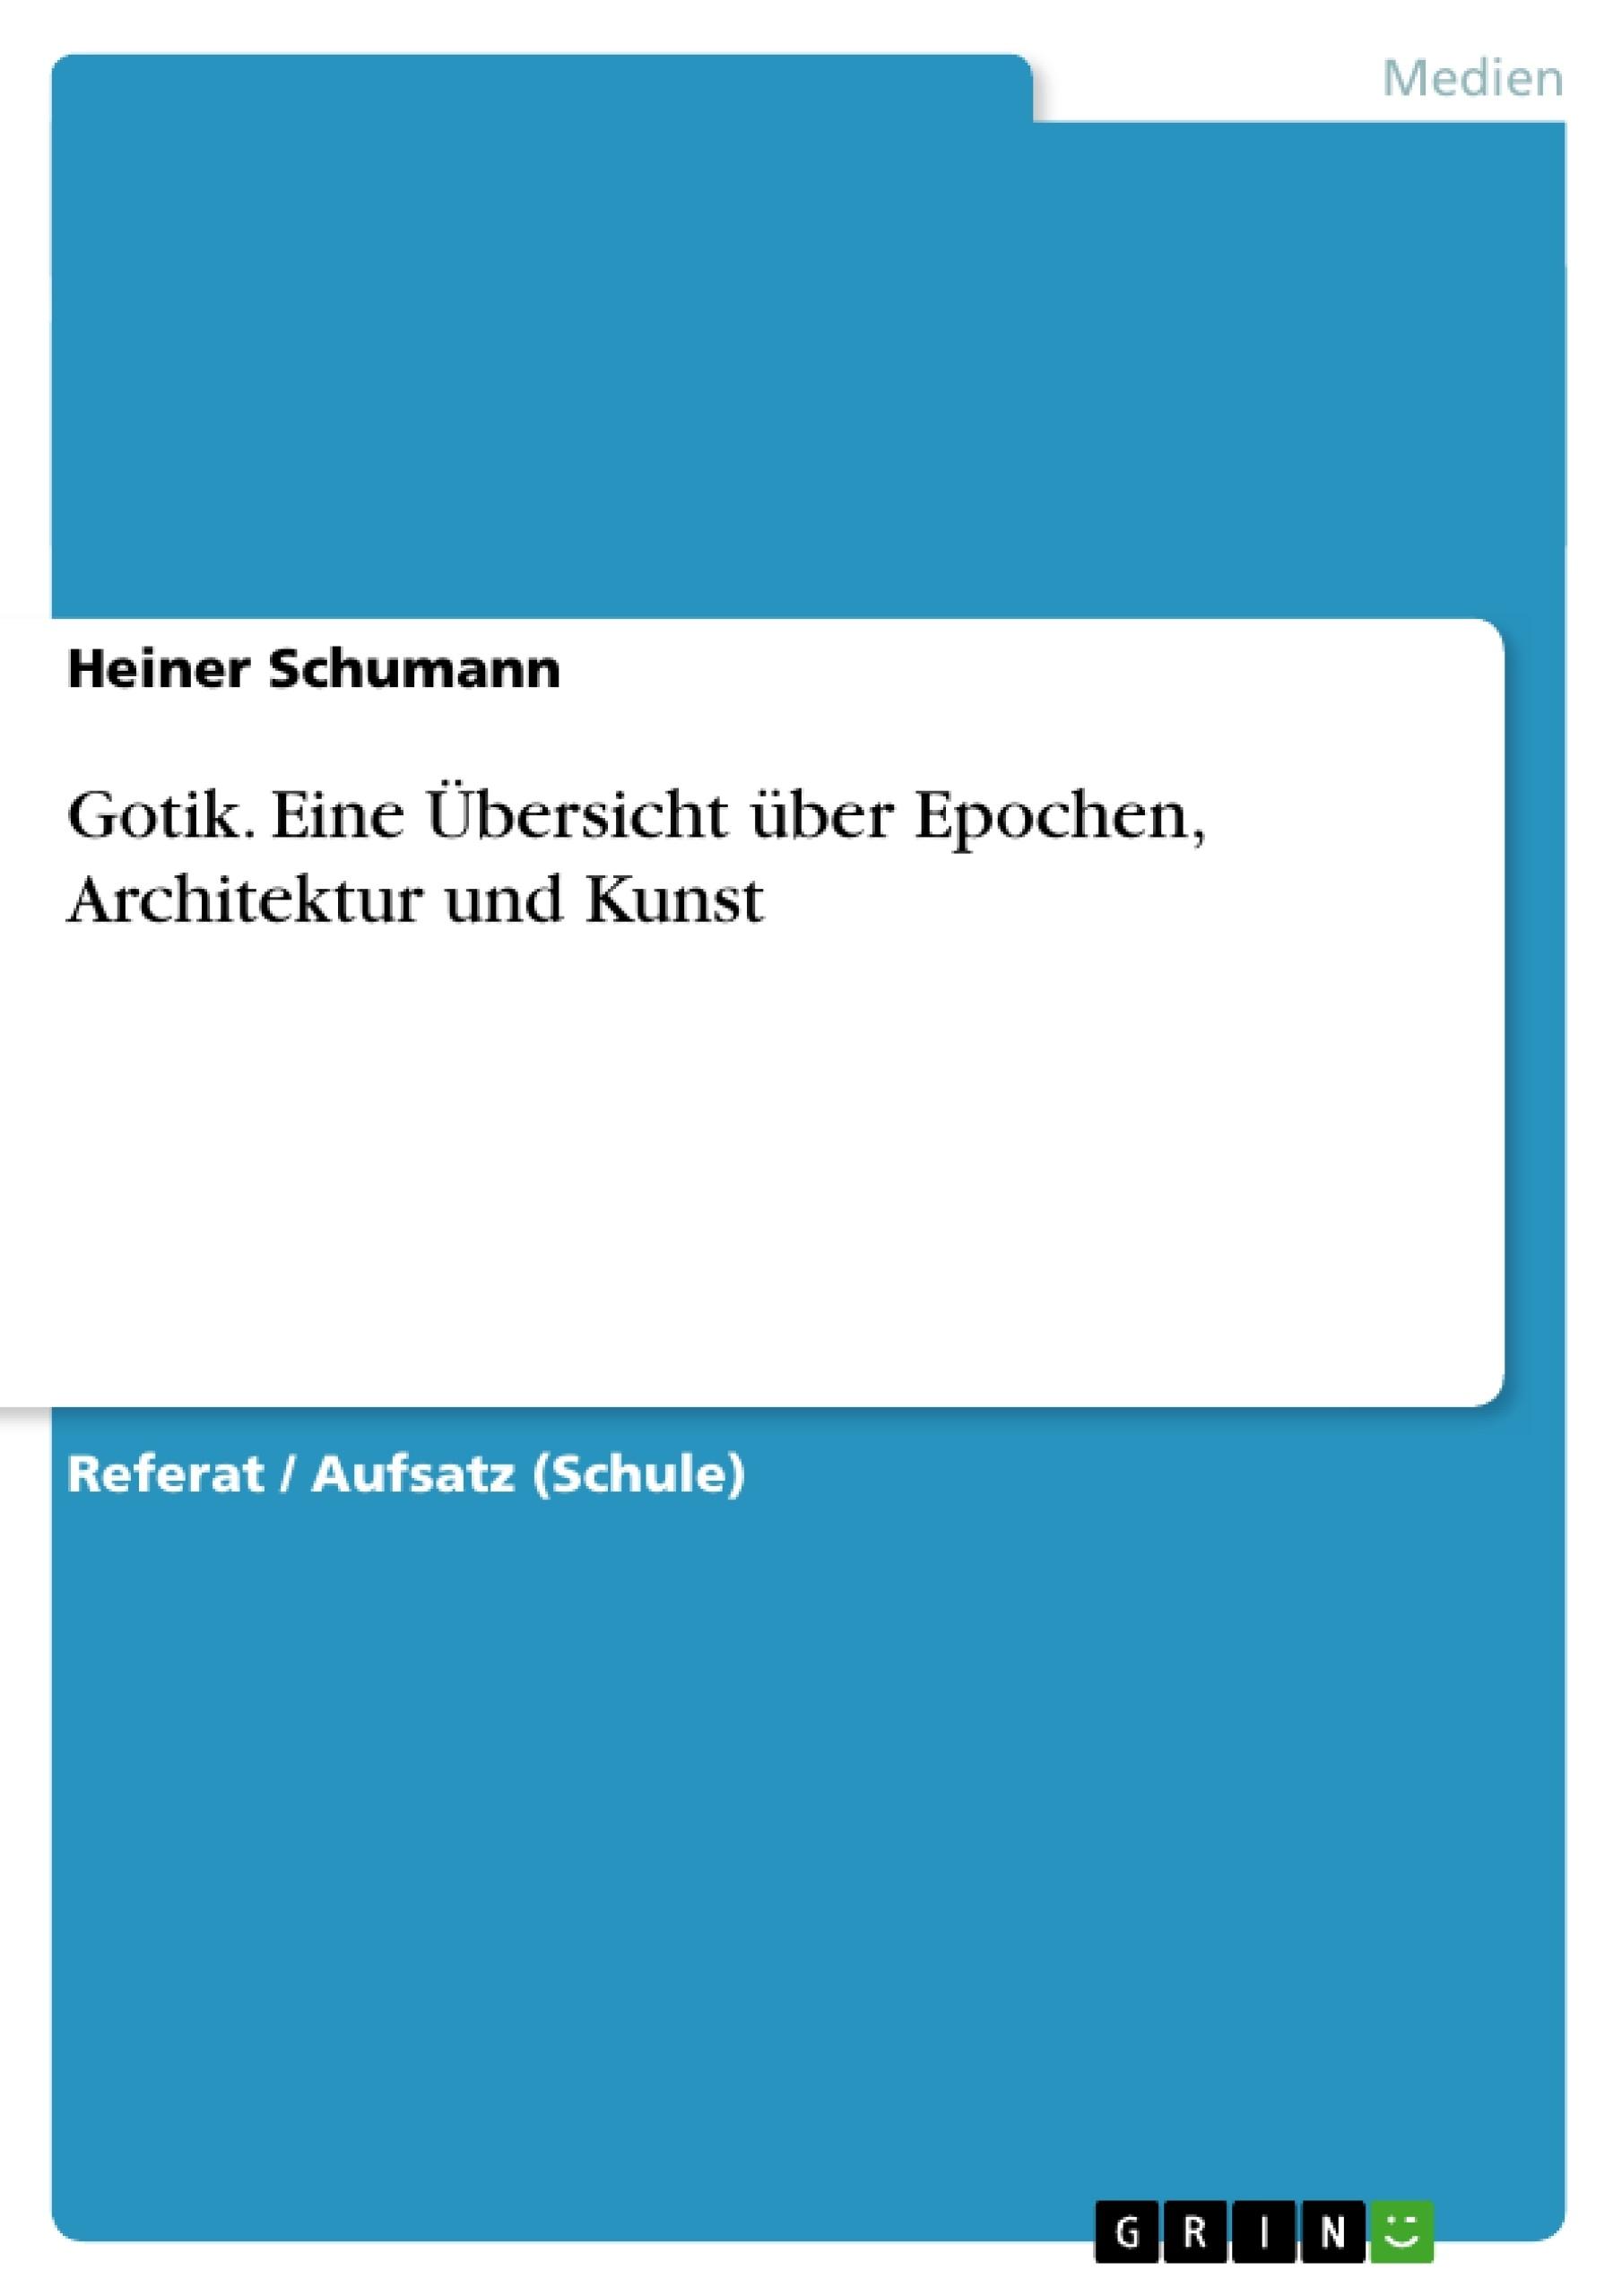 Titel: Gotik. Eine Übersicht über Epochen, Architektur und Kunst